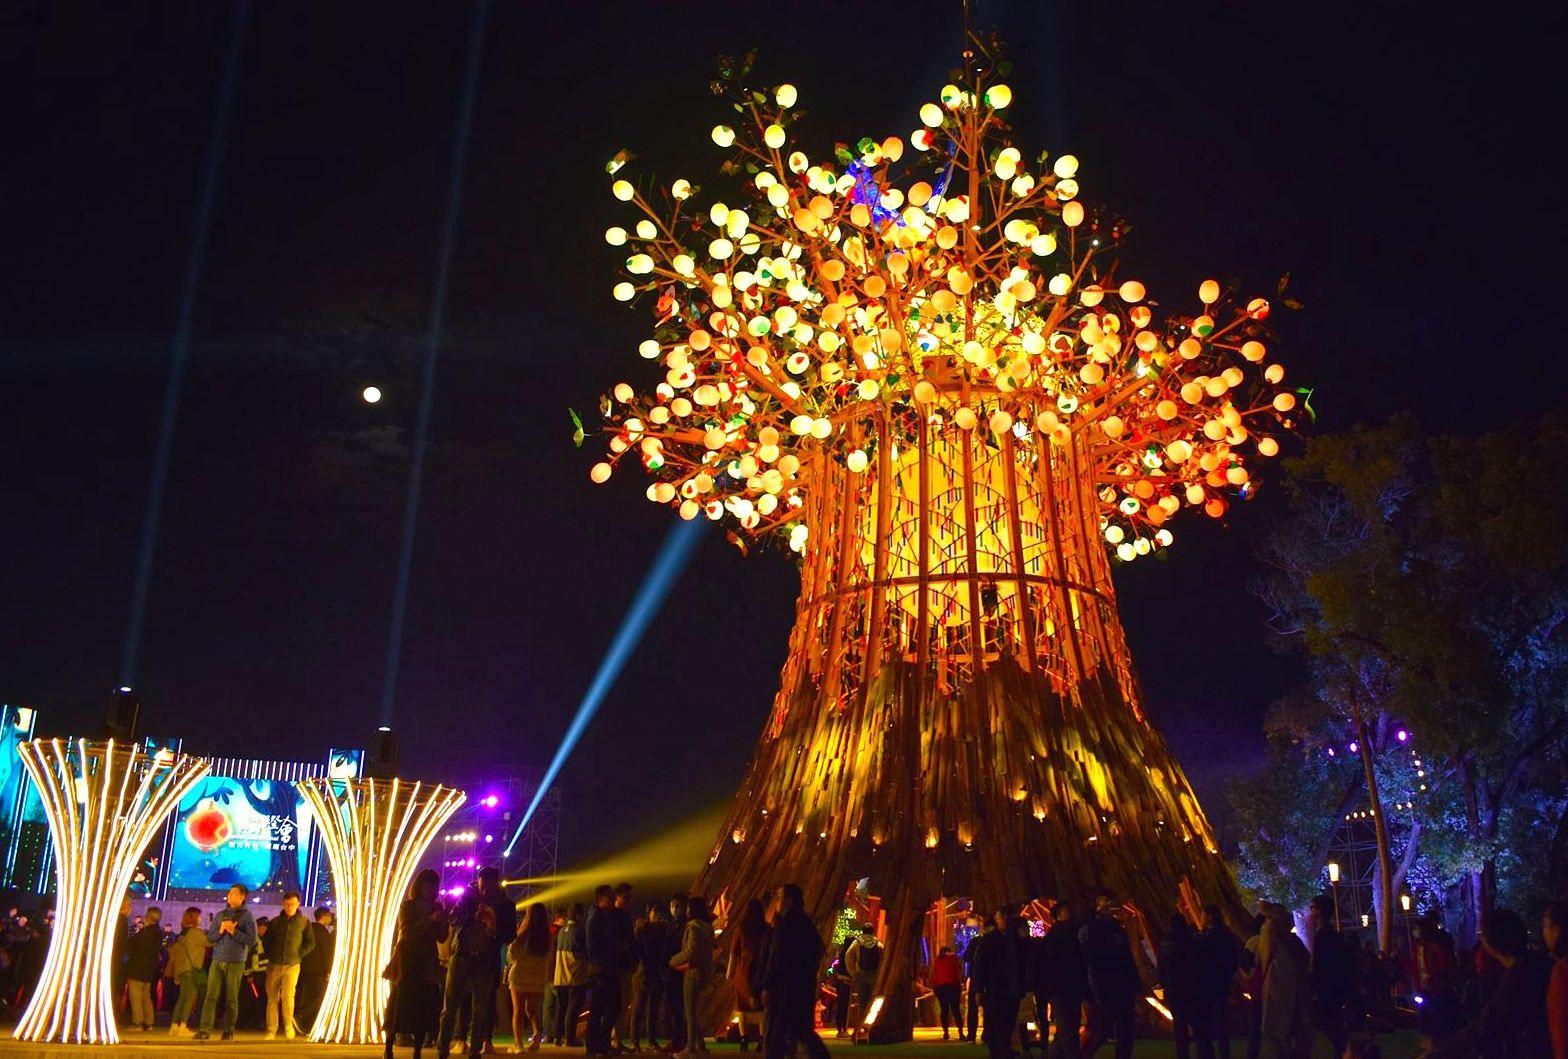 台湾 ランタン フェスティバル 2020